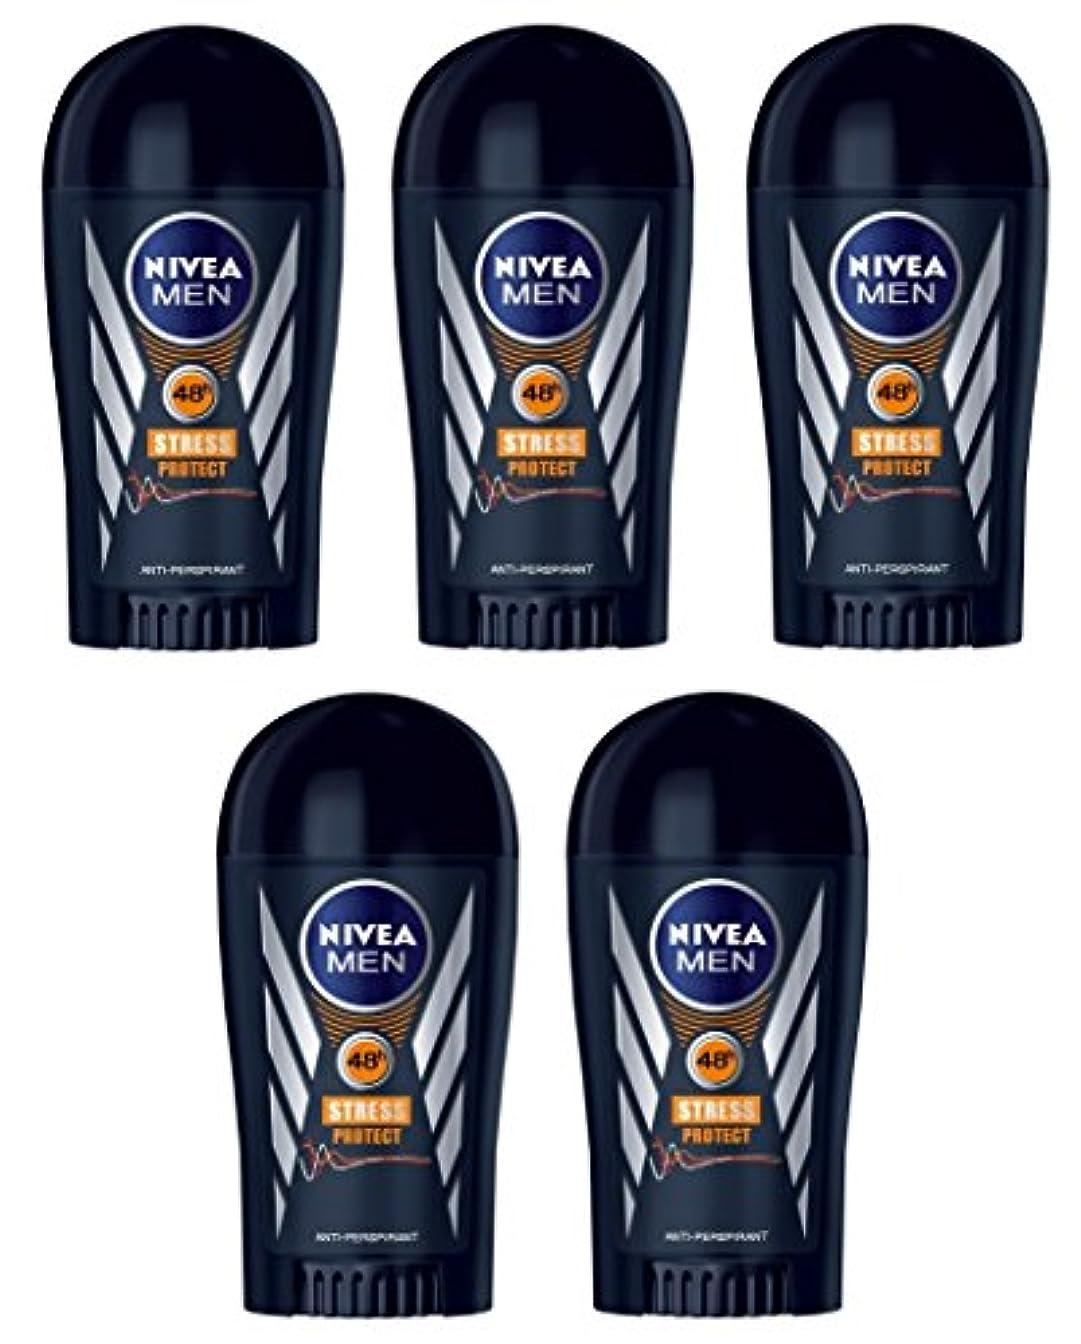 凶暴な誰か生きている(Pack of 5) Nivea Stress Protect Anti-perspirant Deodorant Solid Stick for Men 5x40ml - (5パック) ニベア応力プロテクト制汗剤デオドラントスティック...